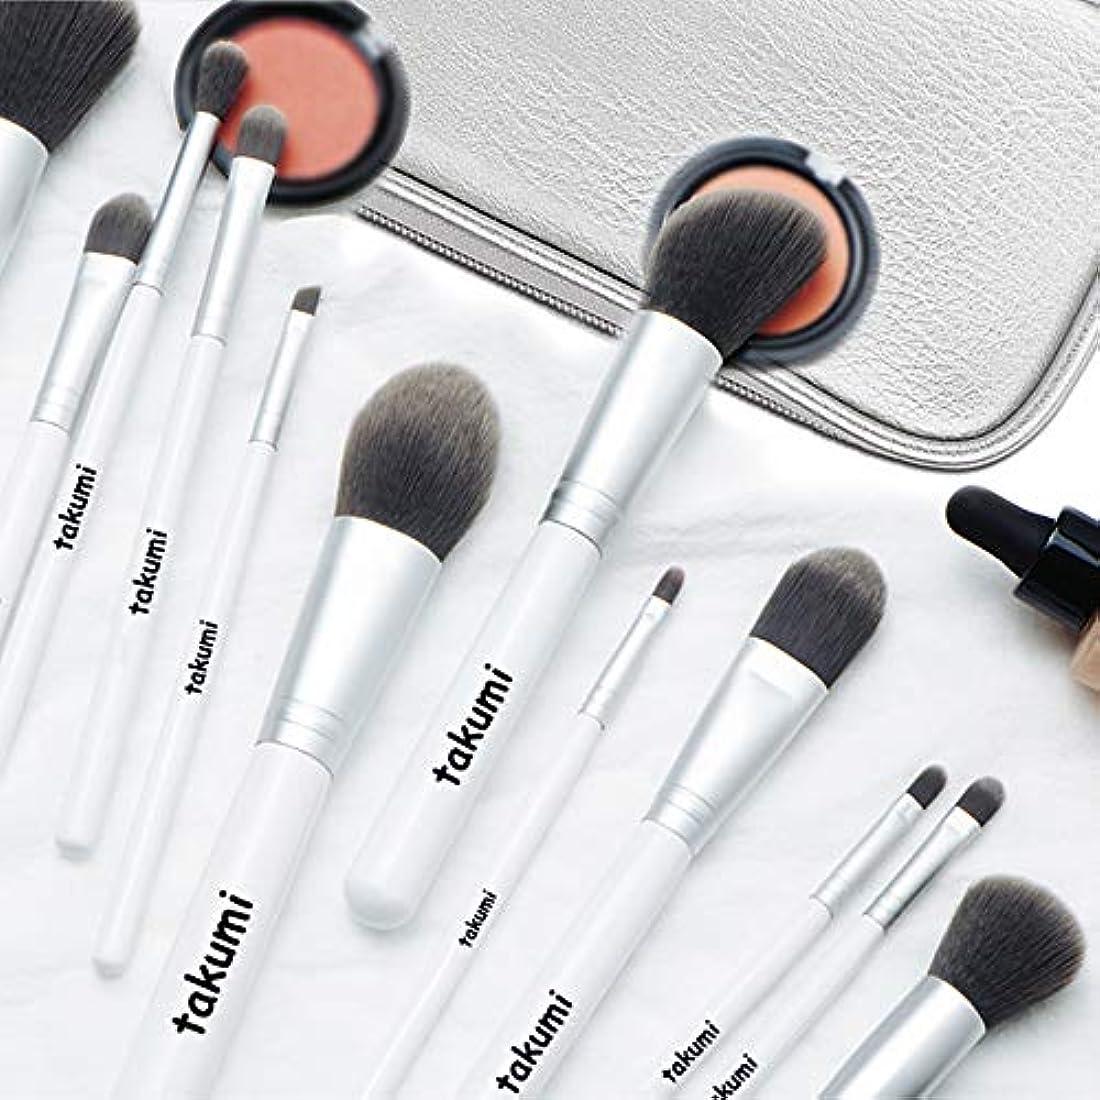 施しグレード加速するメイクブラシ12本セット 超柔らかい 化粧筆 ブラシ 専用化粧ポーチ付き 携帯便利